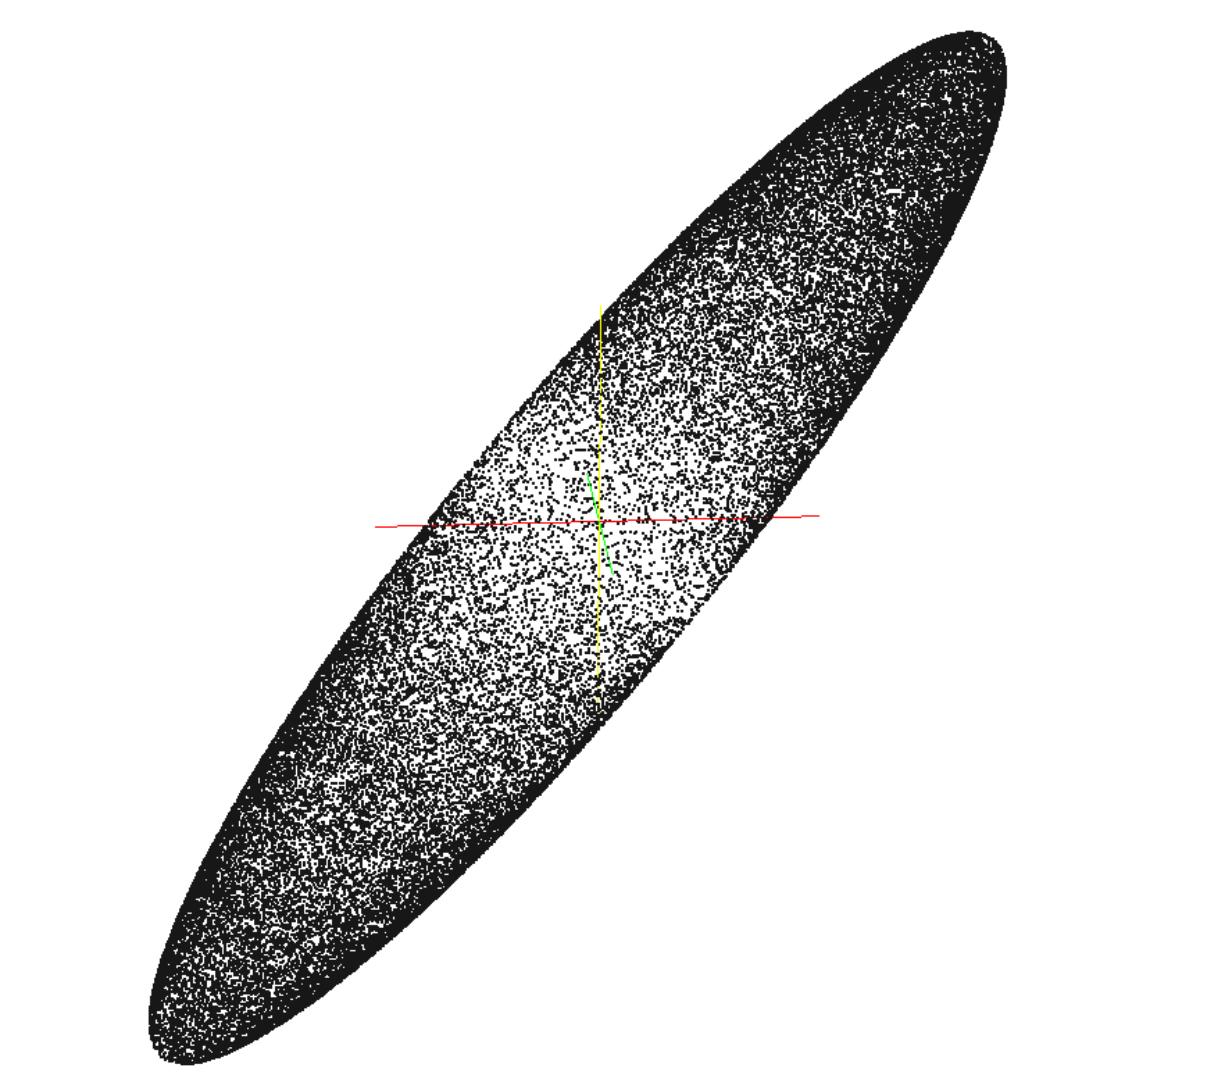 Doc/noDist/implicit/figure/ellipsedistribution.png